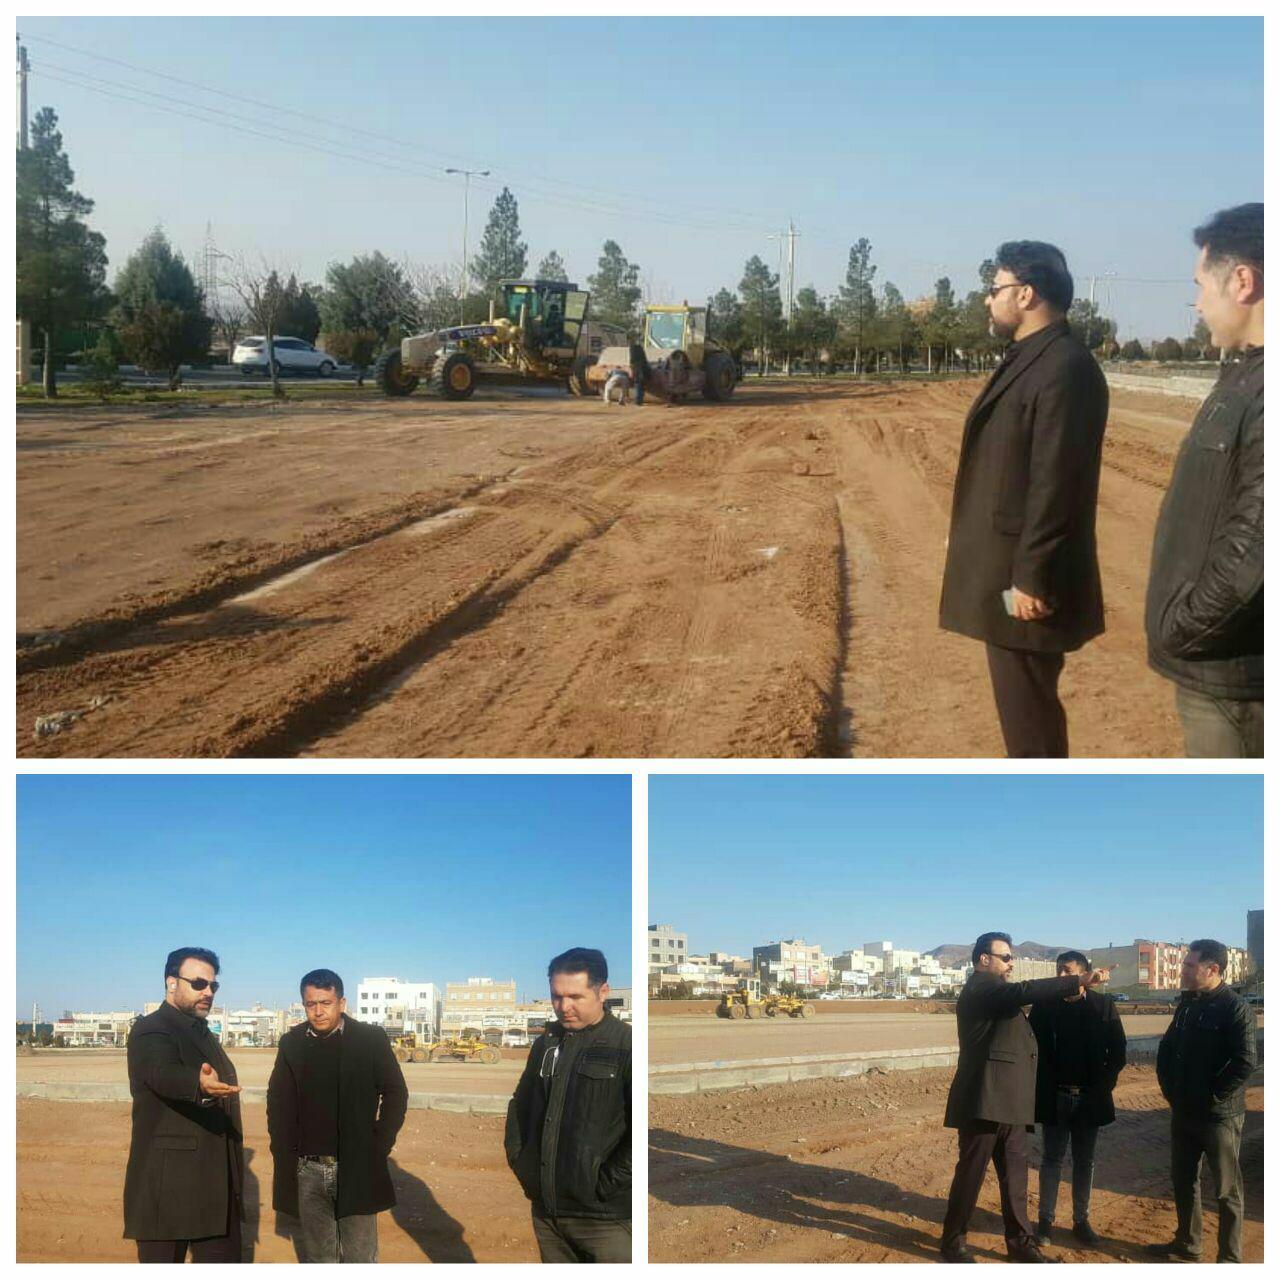 تأکید بر تسریع در اجرای پروژه ها در بازدیدِ صبح امروز شهردار پرند از پروژه های عمرانی